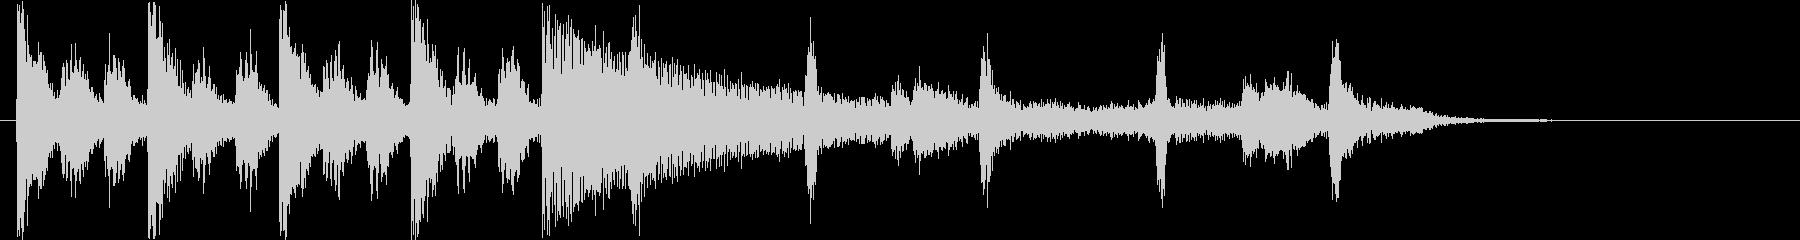 緊張感のあるシンセ・ピアノサウンド短めの未再生の波形